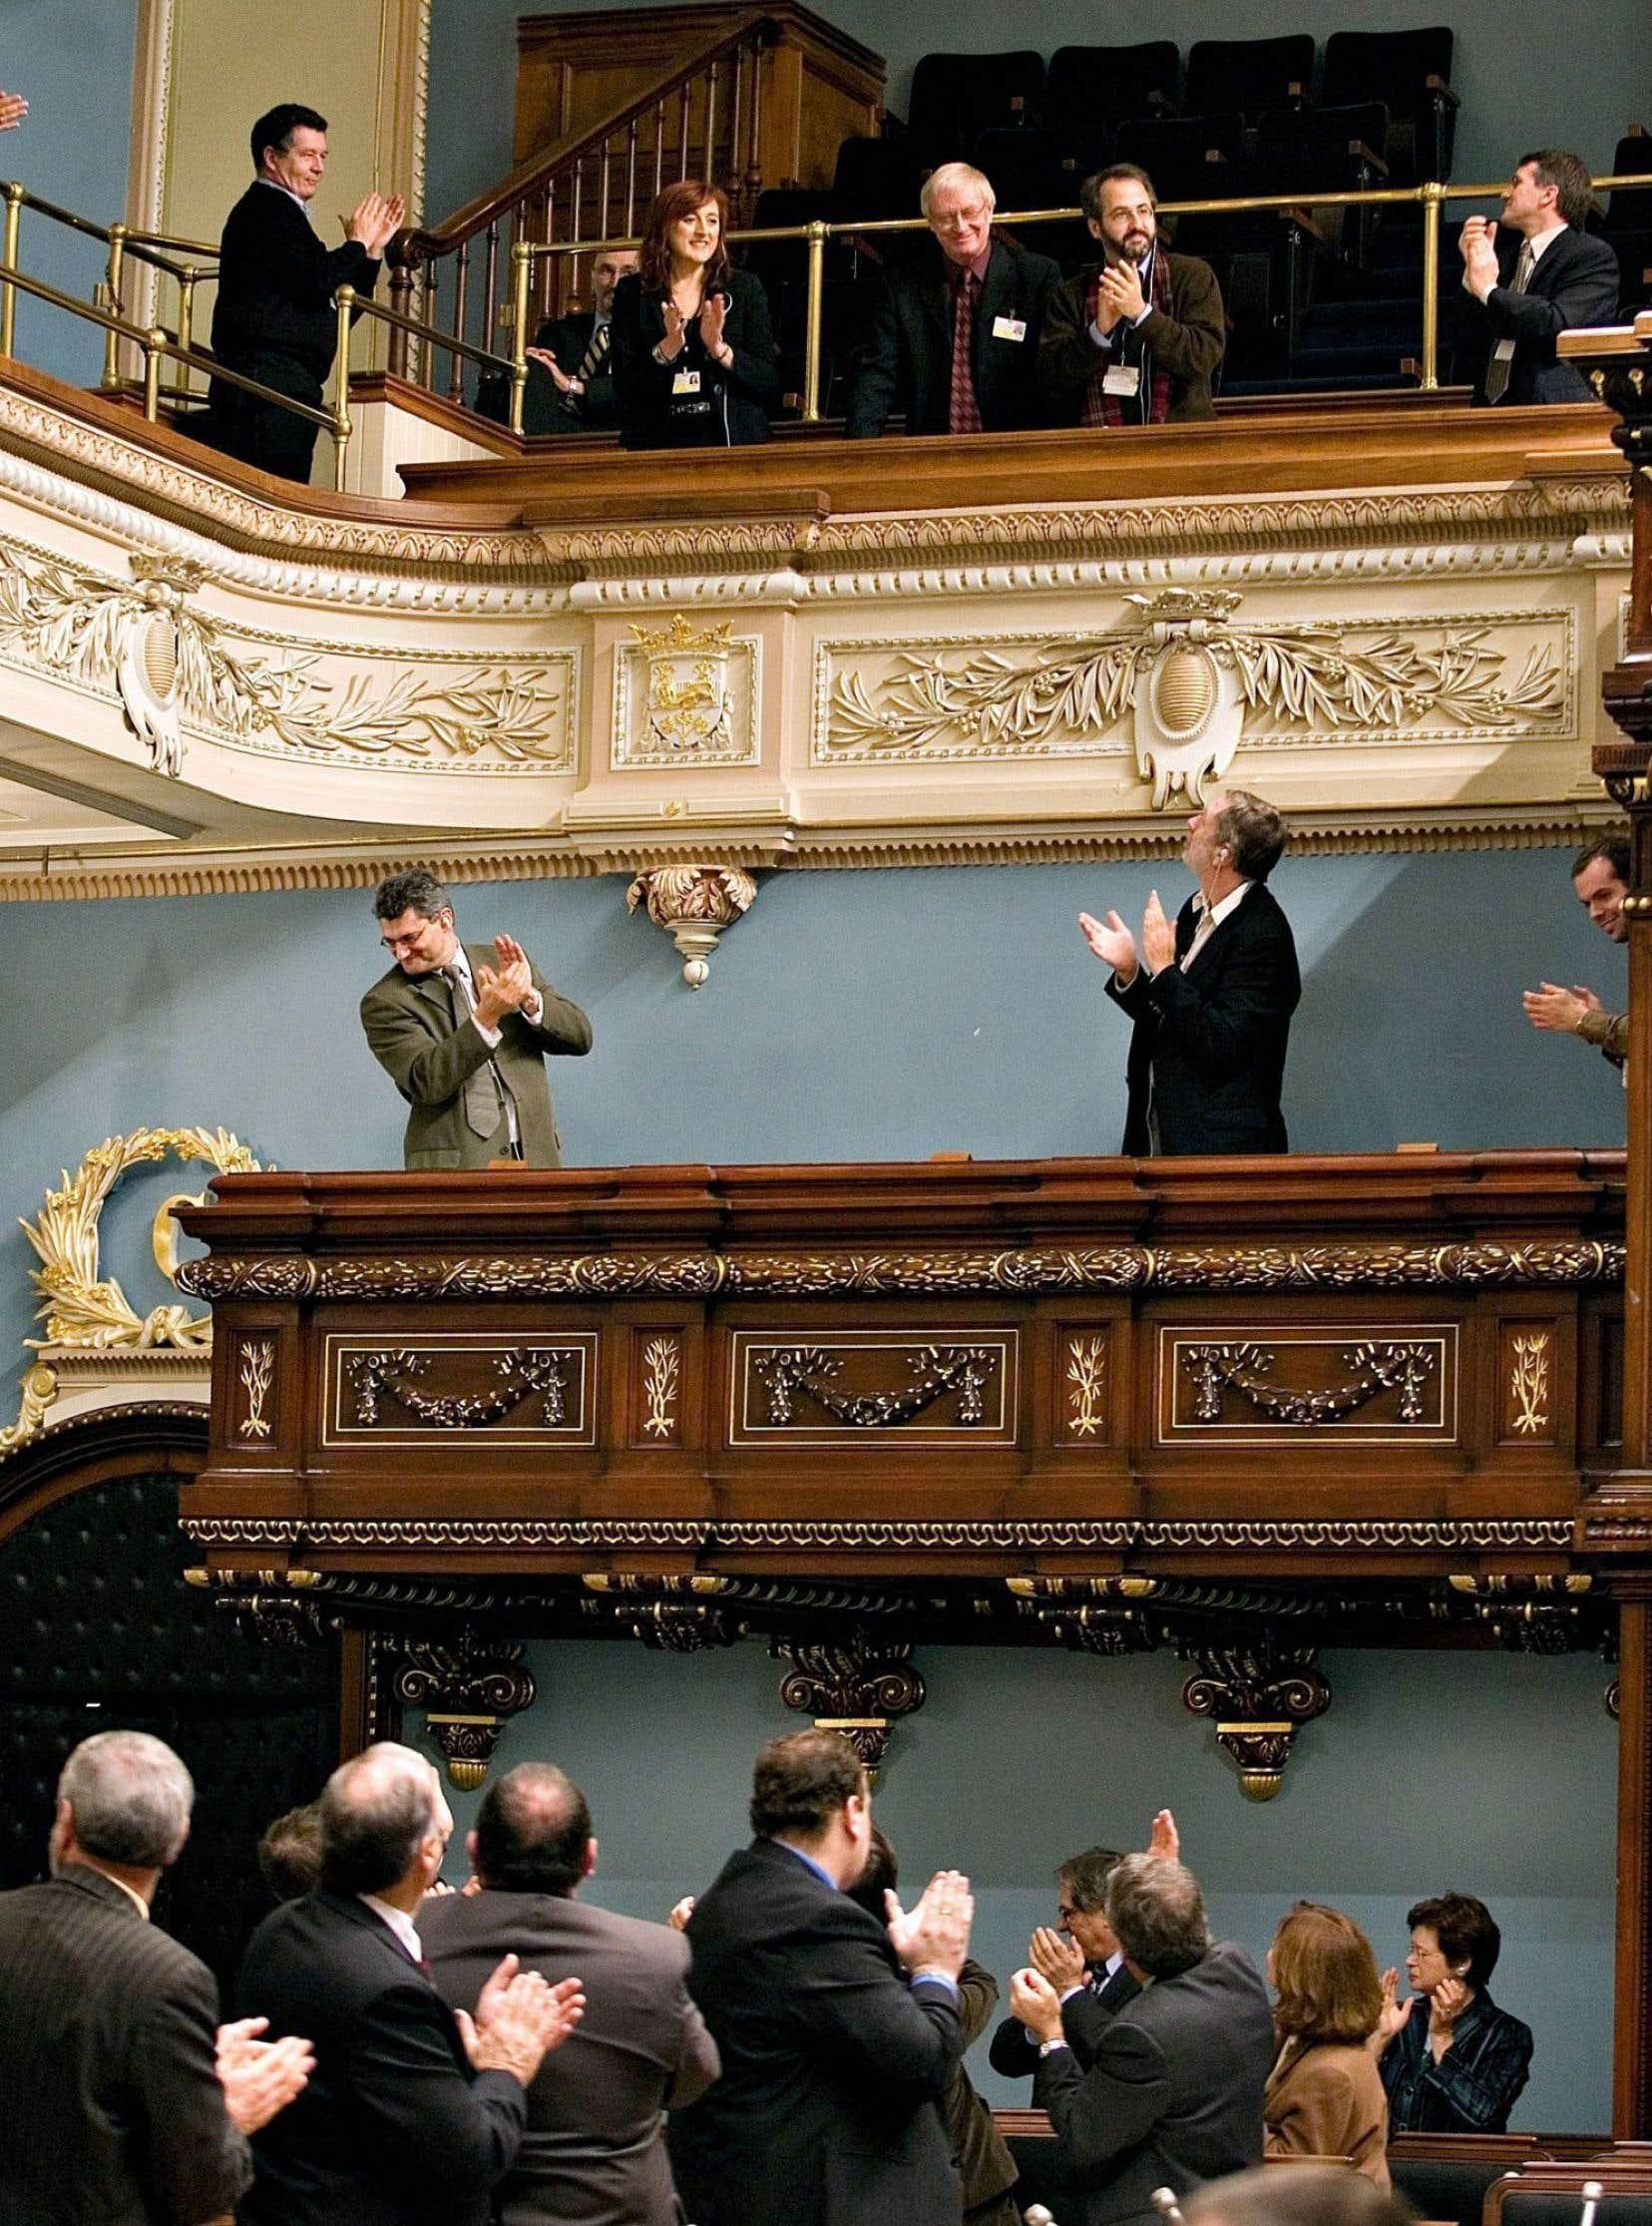 Les femmes sont toujours minoritaires, tant à l'Assemblée nationale qu'à la Tribune de la presse.